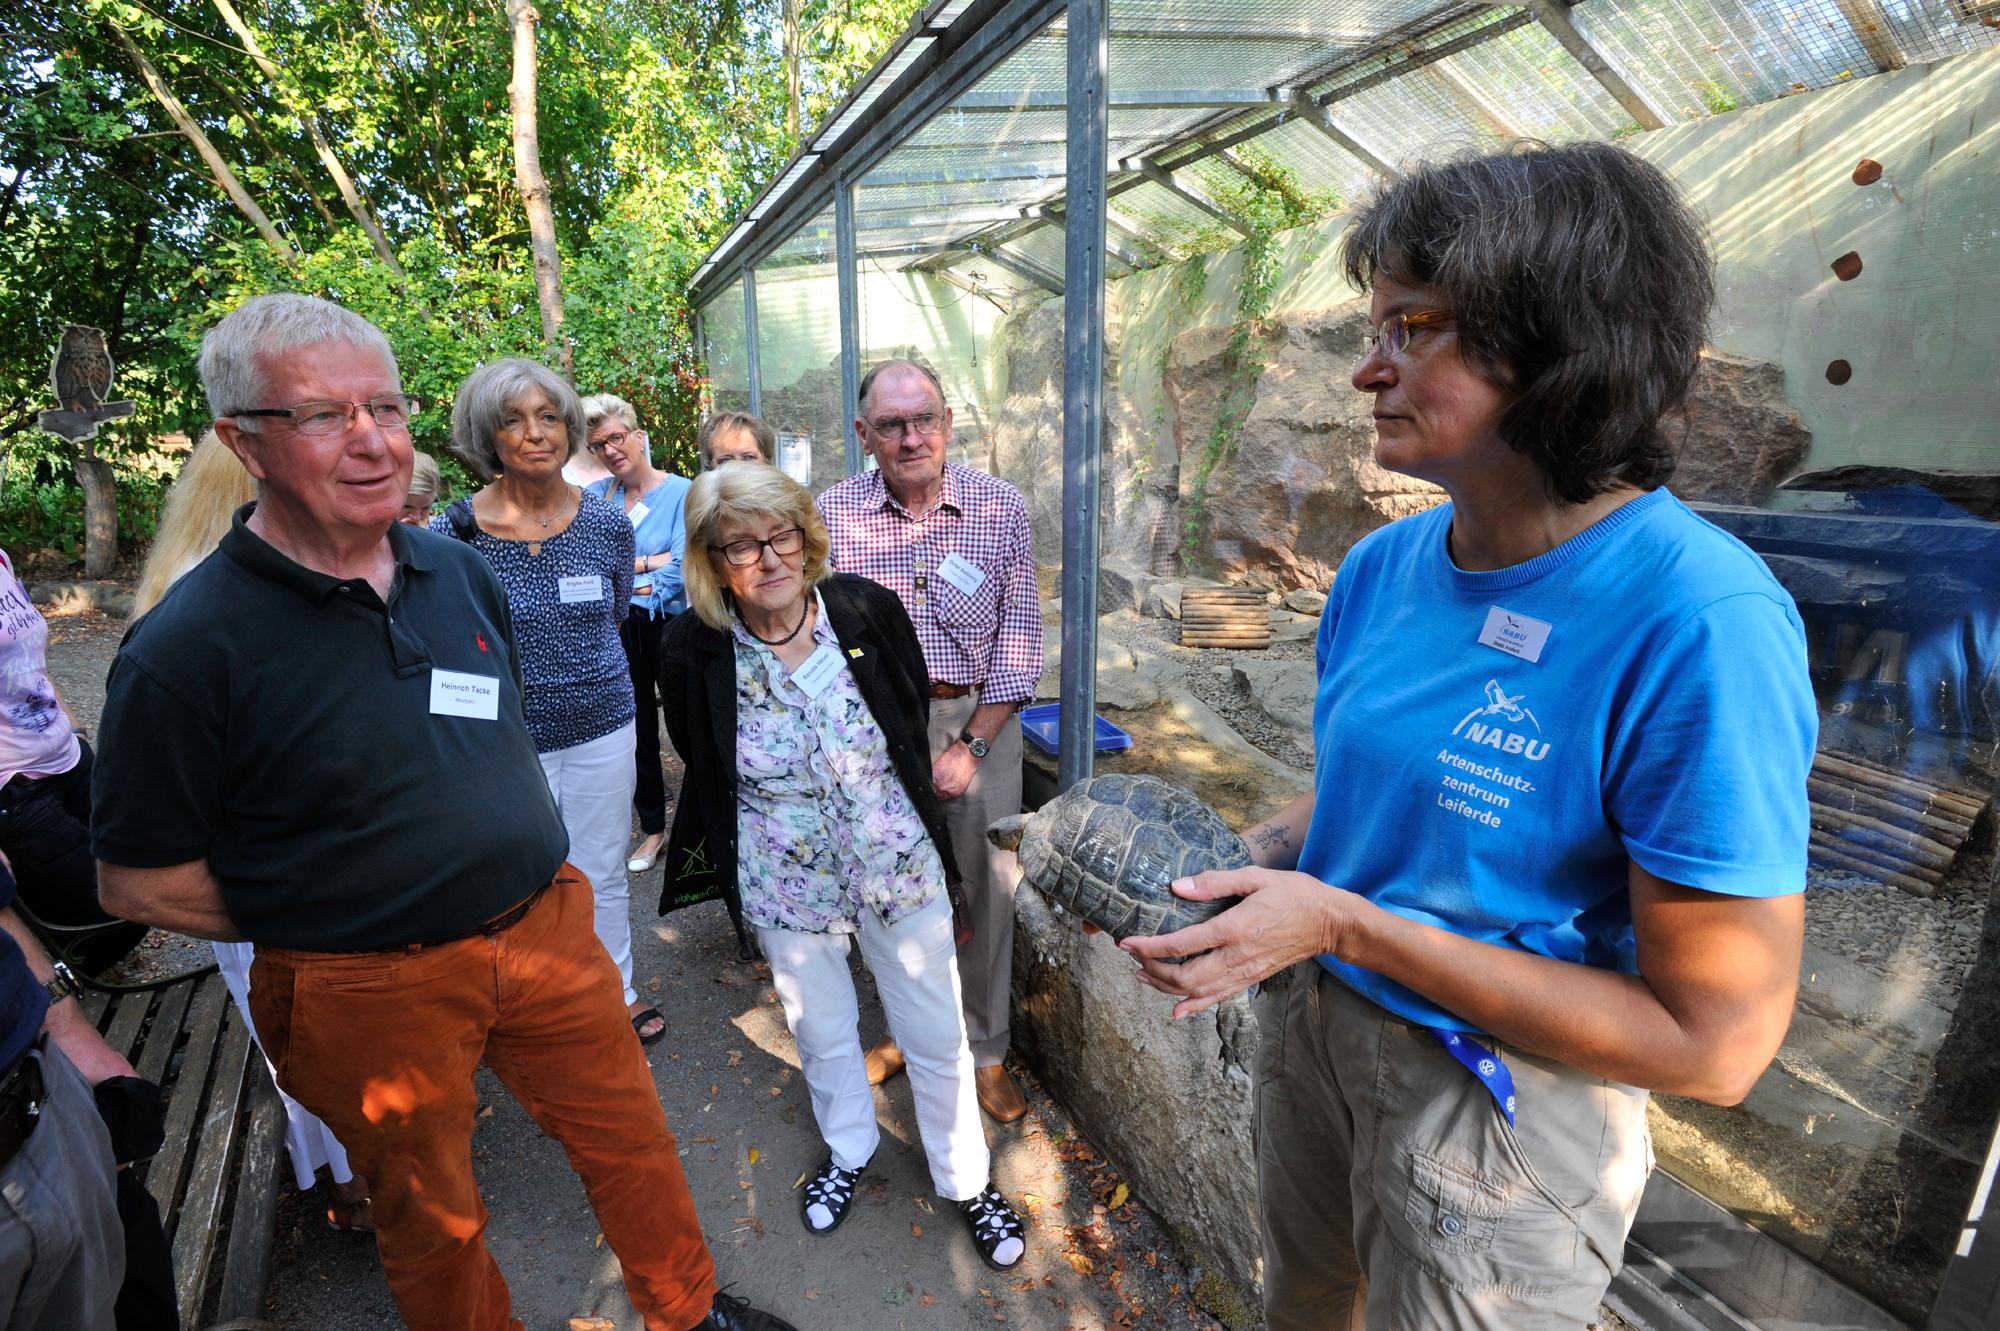 Besuchergruppe am Gehege der Schildkröte im NABU-Artenschutzzentrum in Leiferde